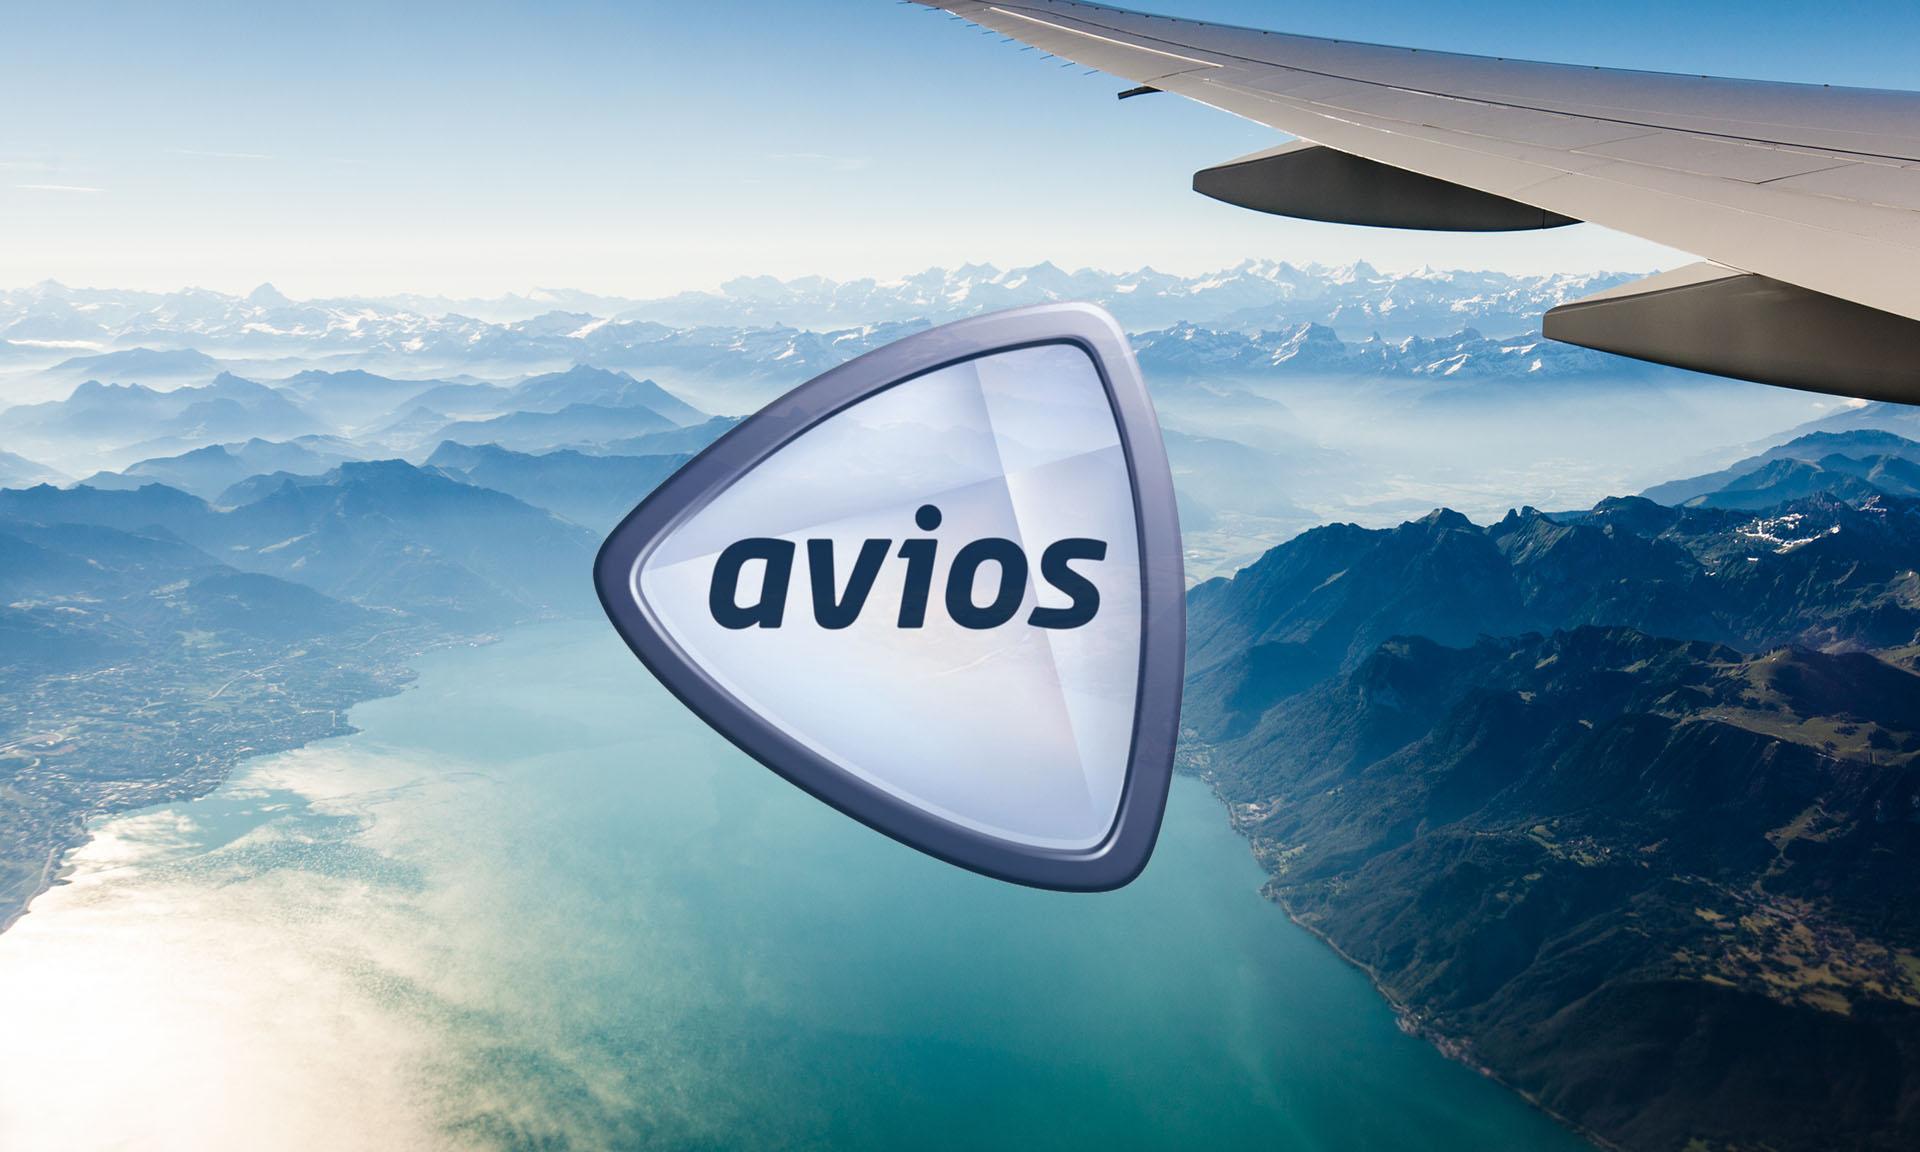 10 Best Ways To Spend British Airways Avios Points In 2019 ...